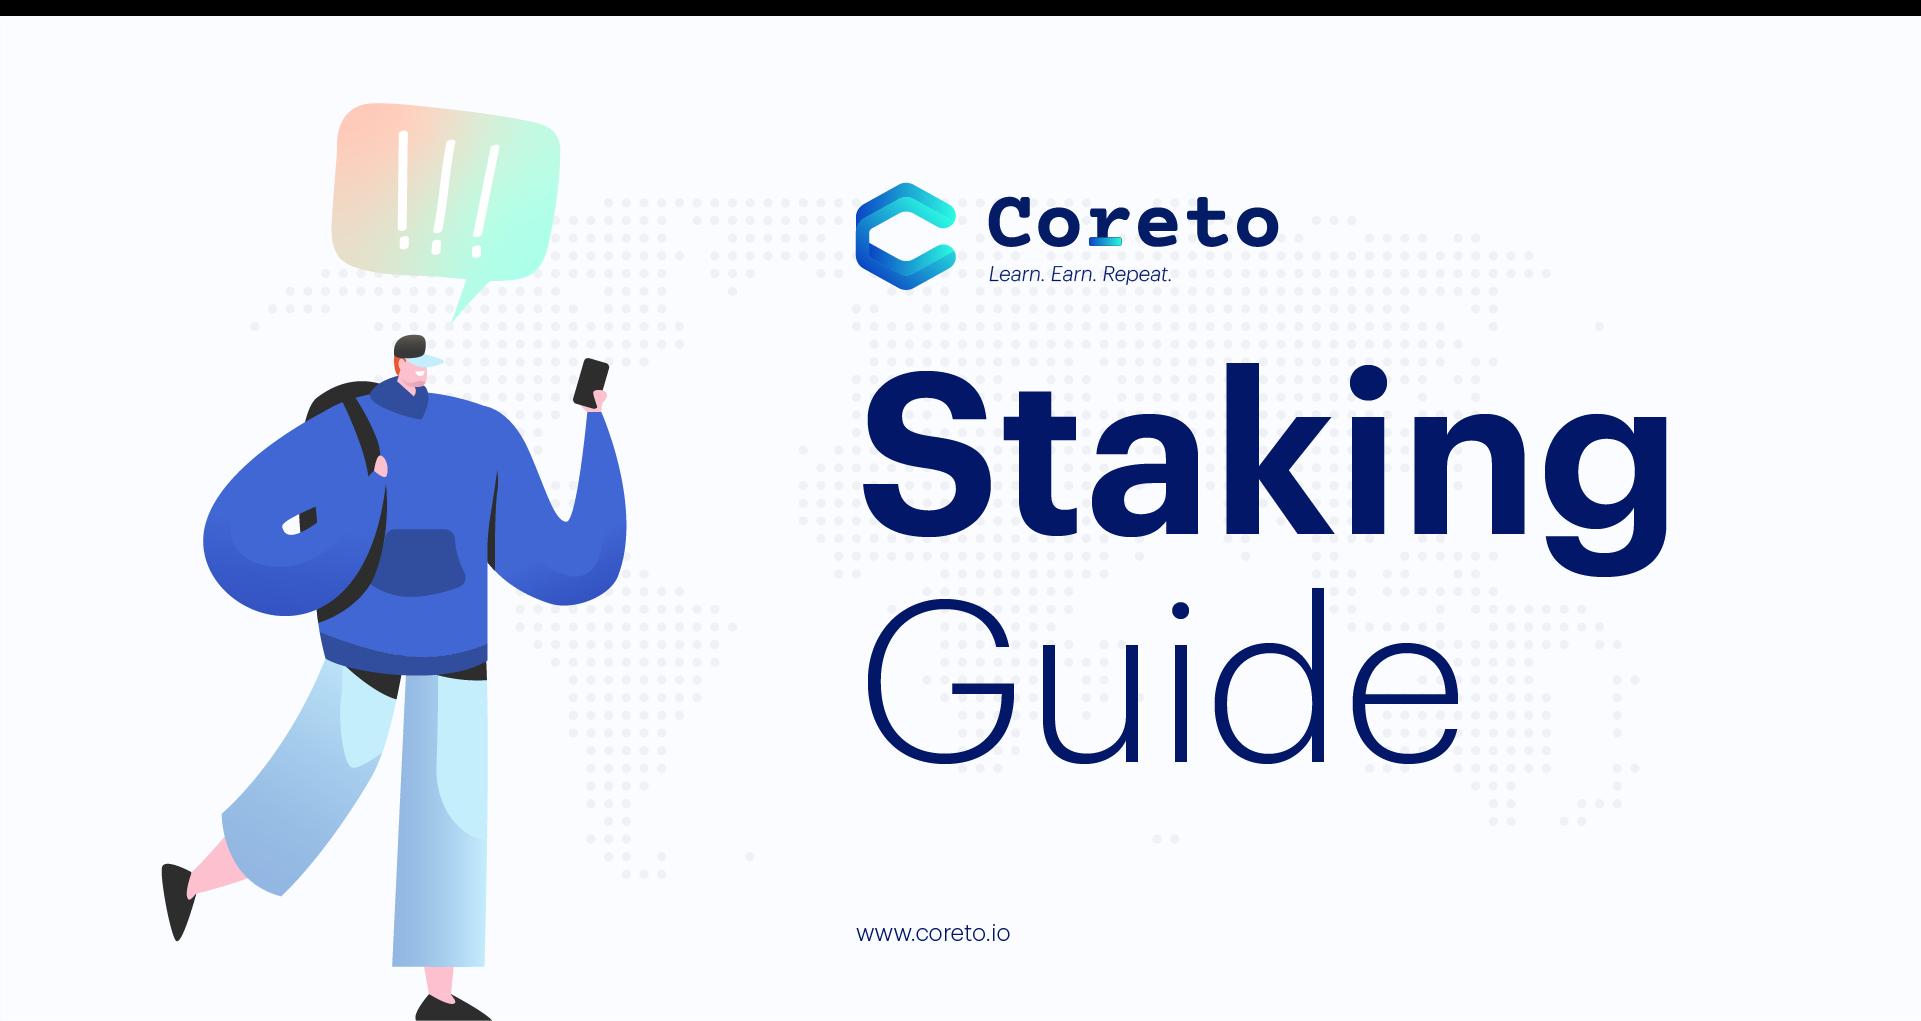 Coreto (COR) Staking Guide